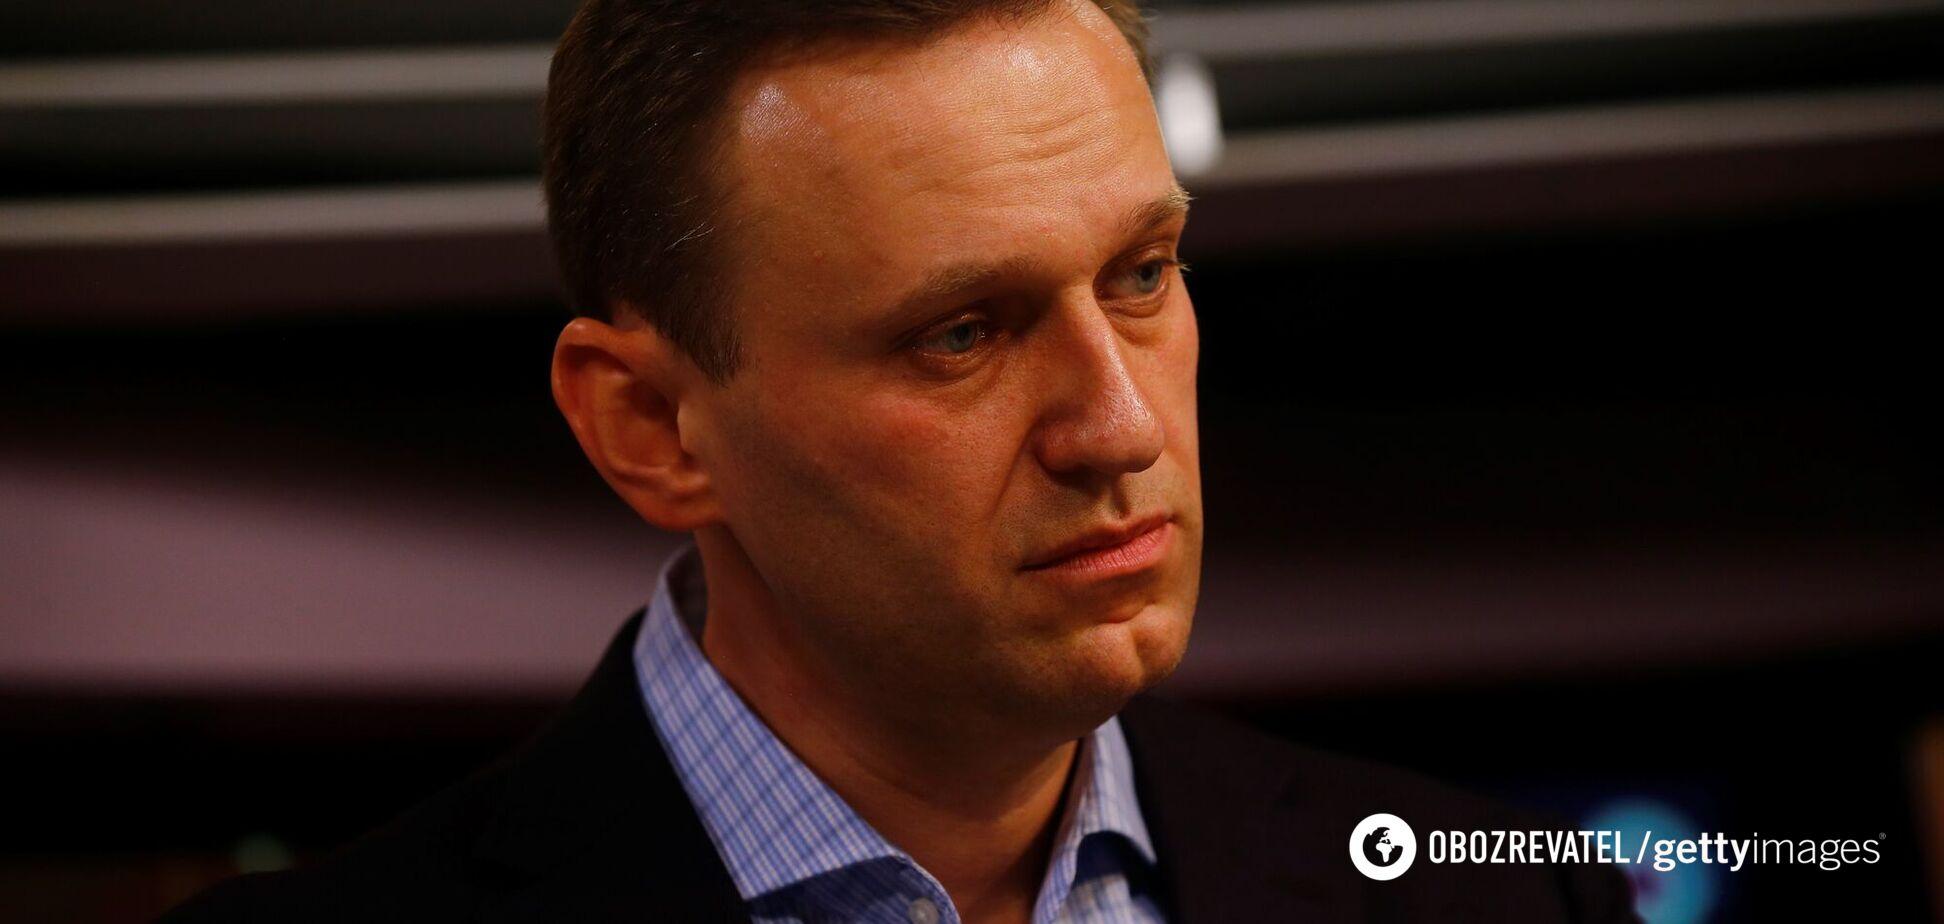 Хто і де міг зробити 'Новачок' для Навального